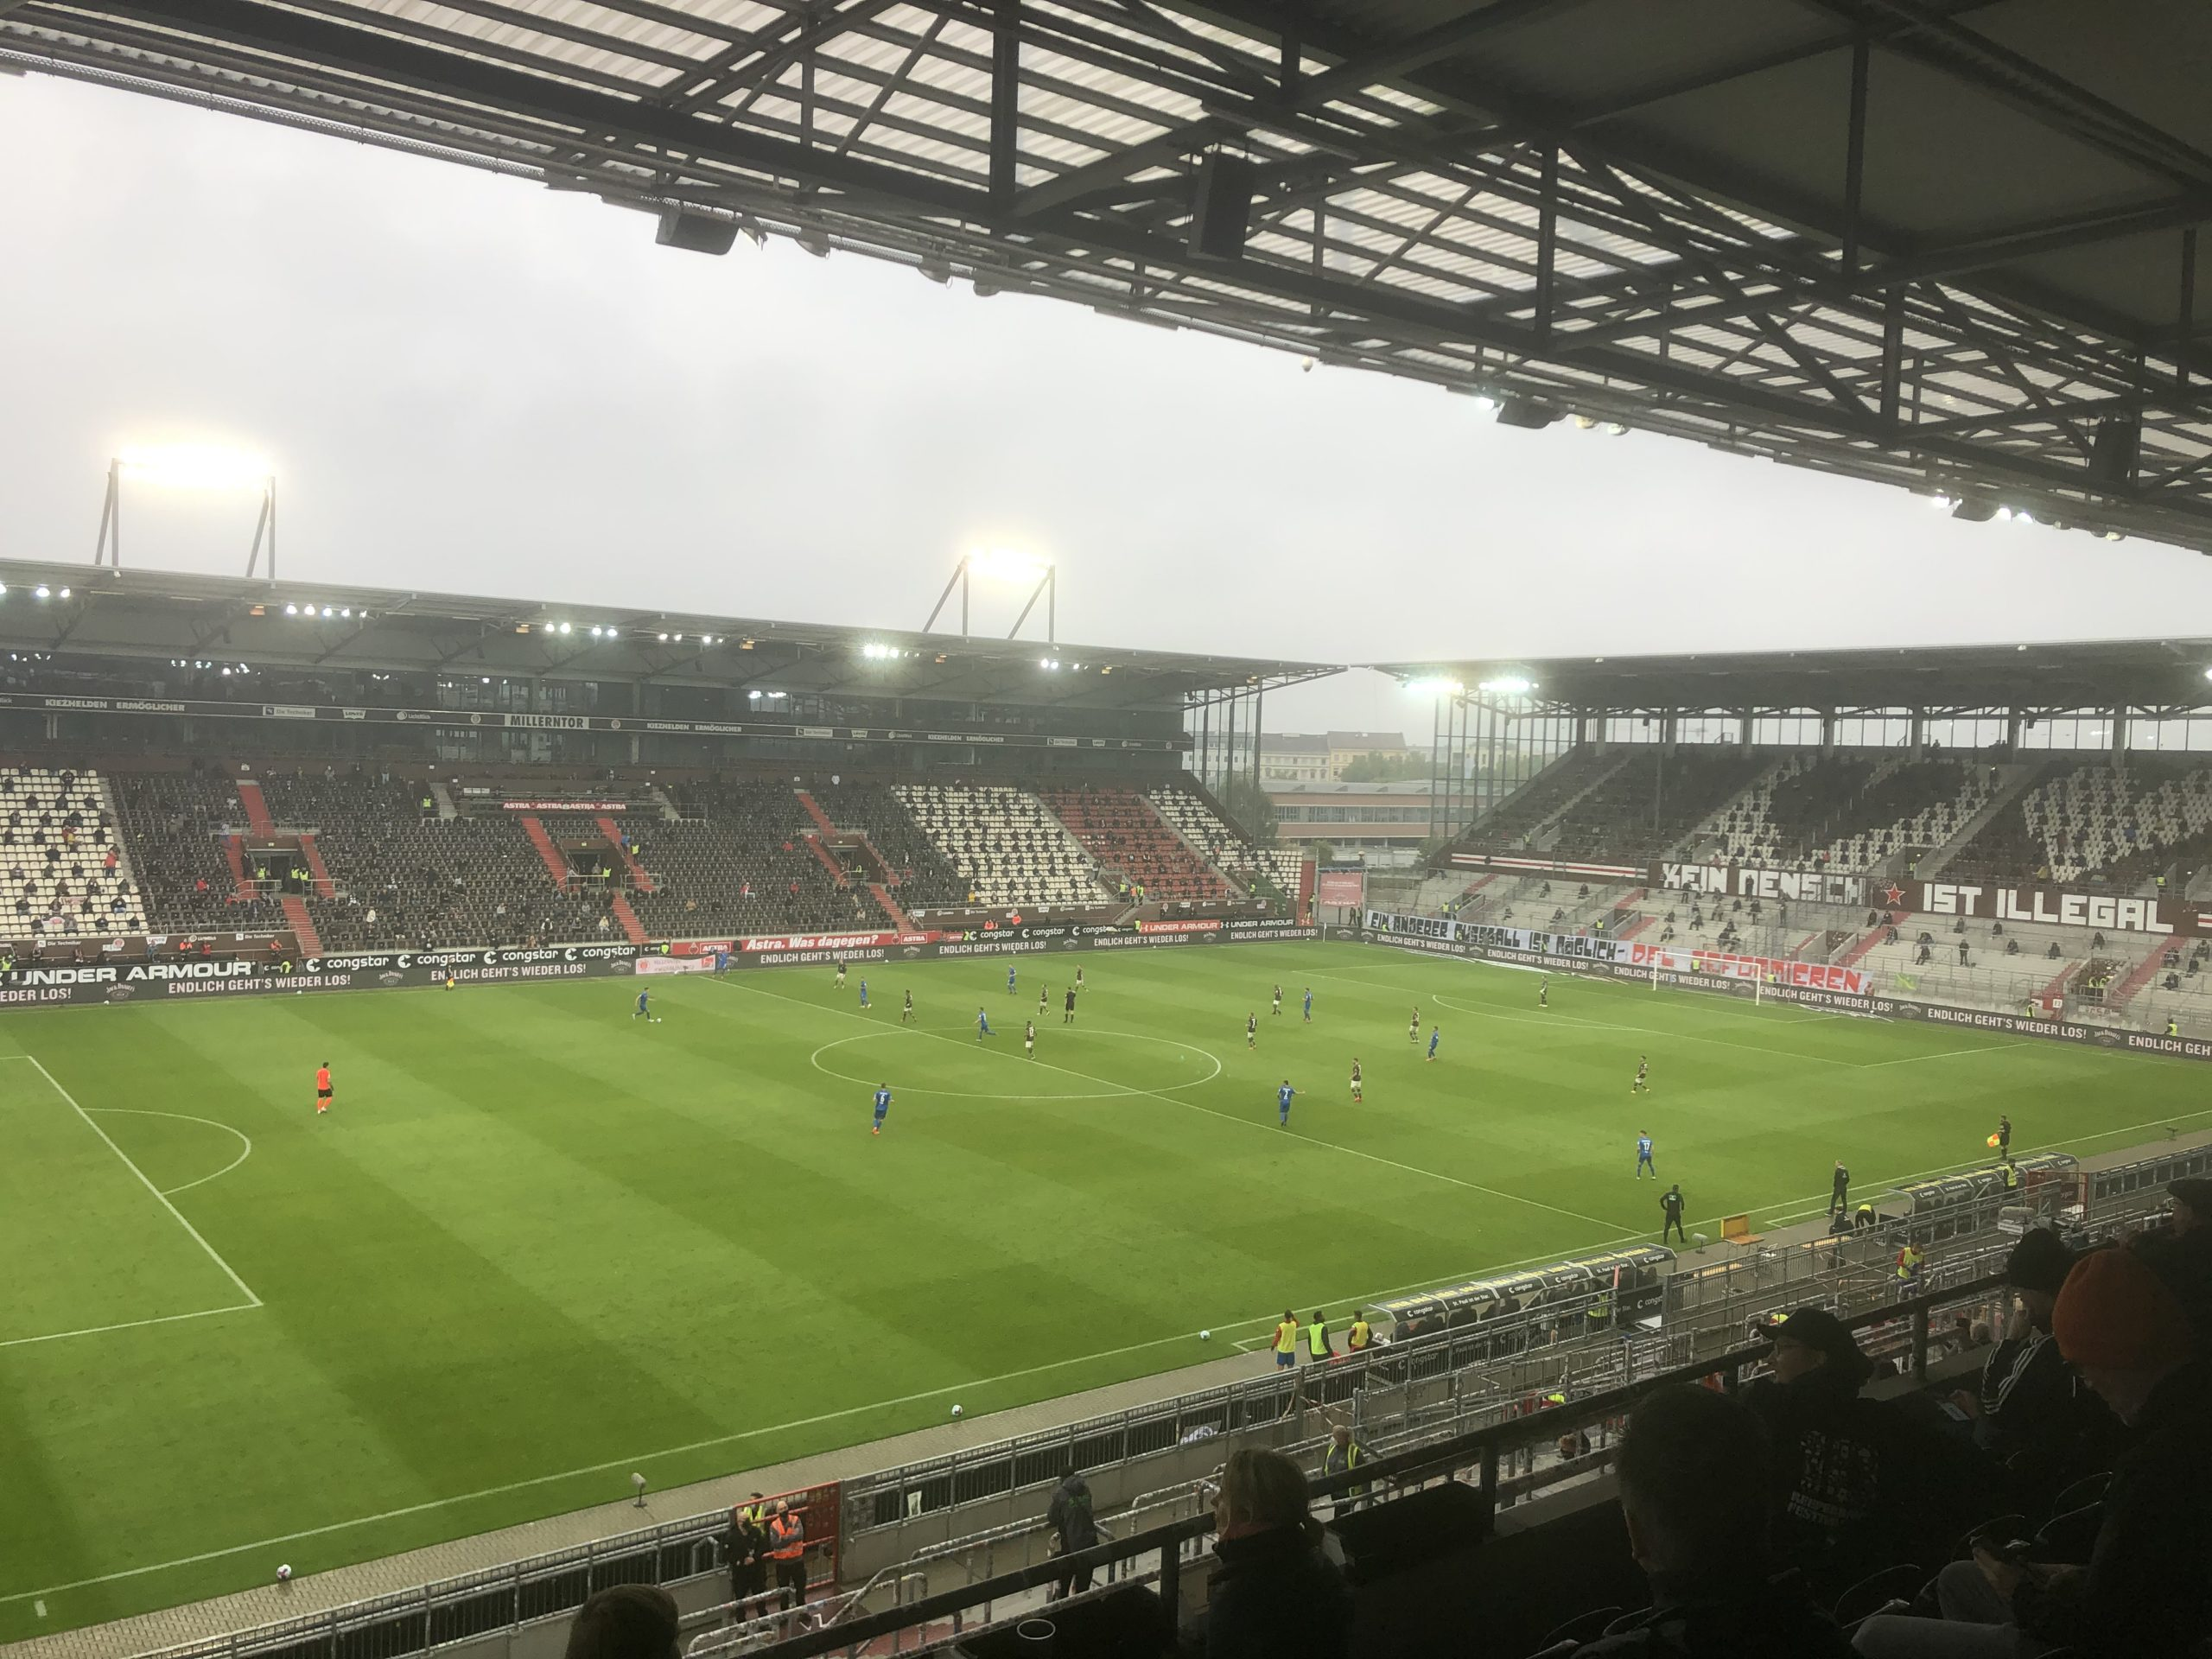 Nach dem Spiel – 1. FC Heidenheim (H) – Spieltag 2 – Saison 2020/2021